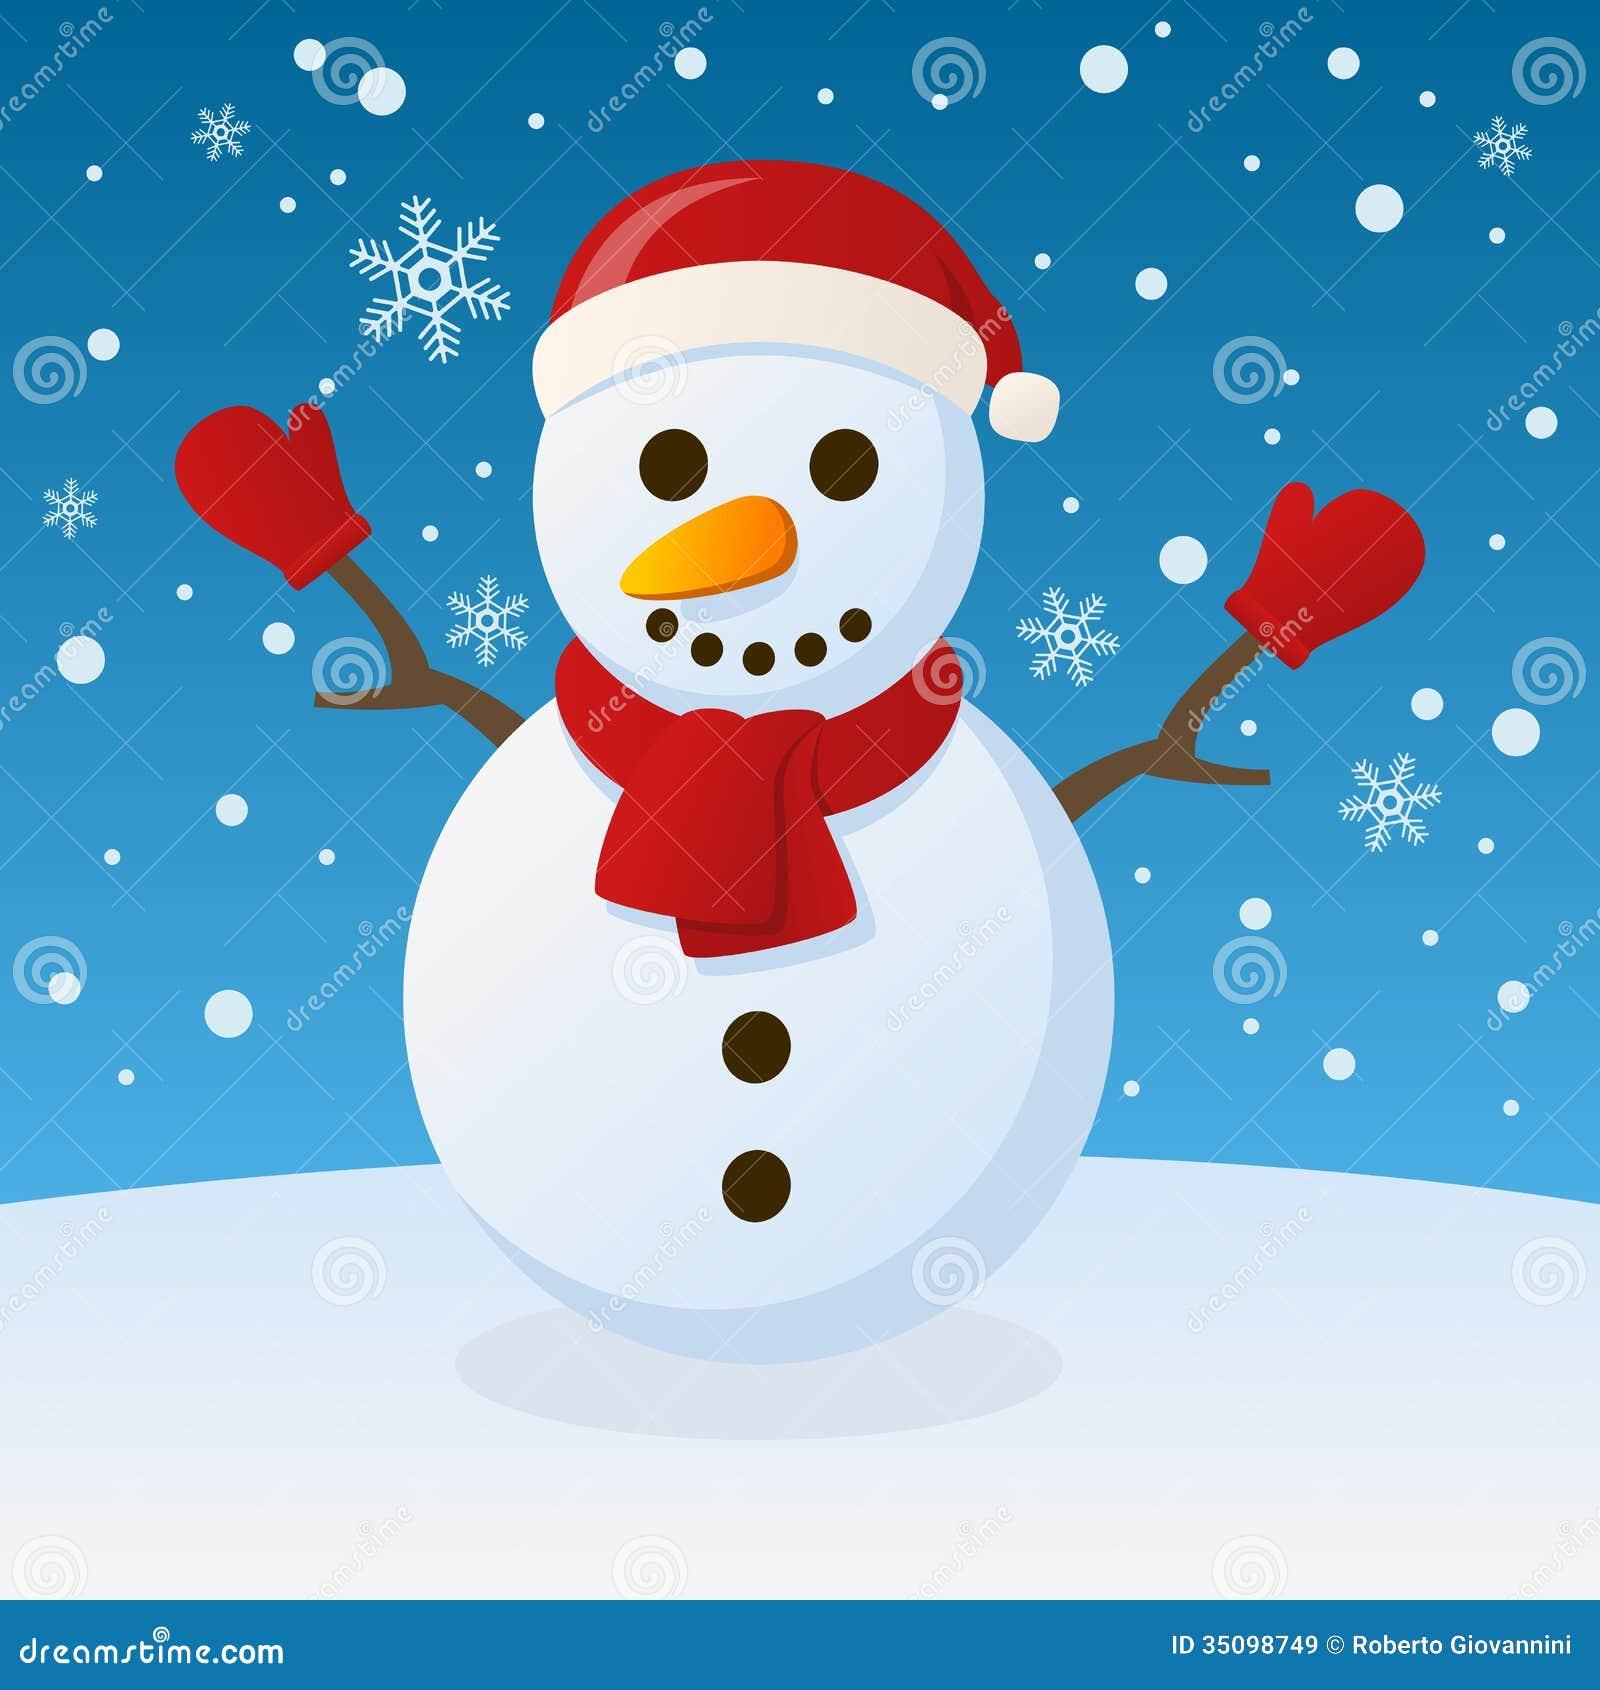 schneemann weihnachten auf dem schnee vektor abbildung. Black Bedroom Furniture Sets. Home Design Ideas